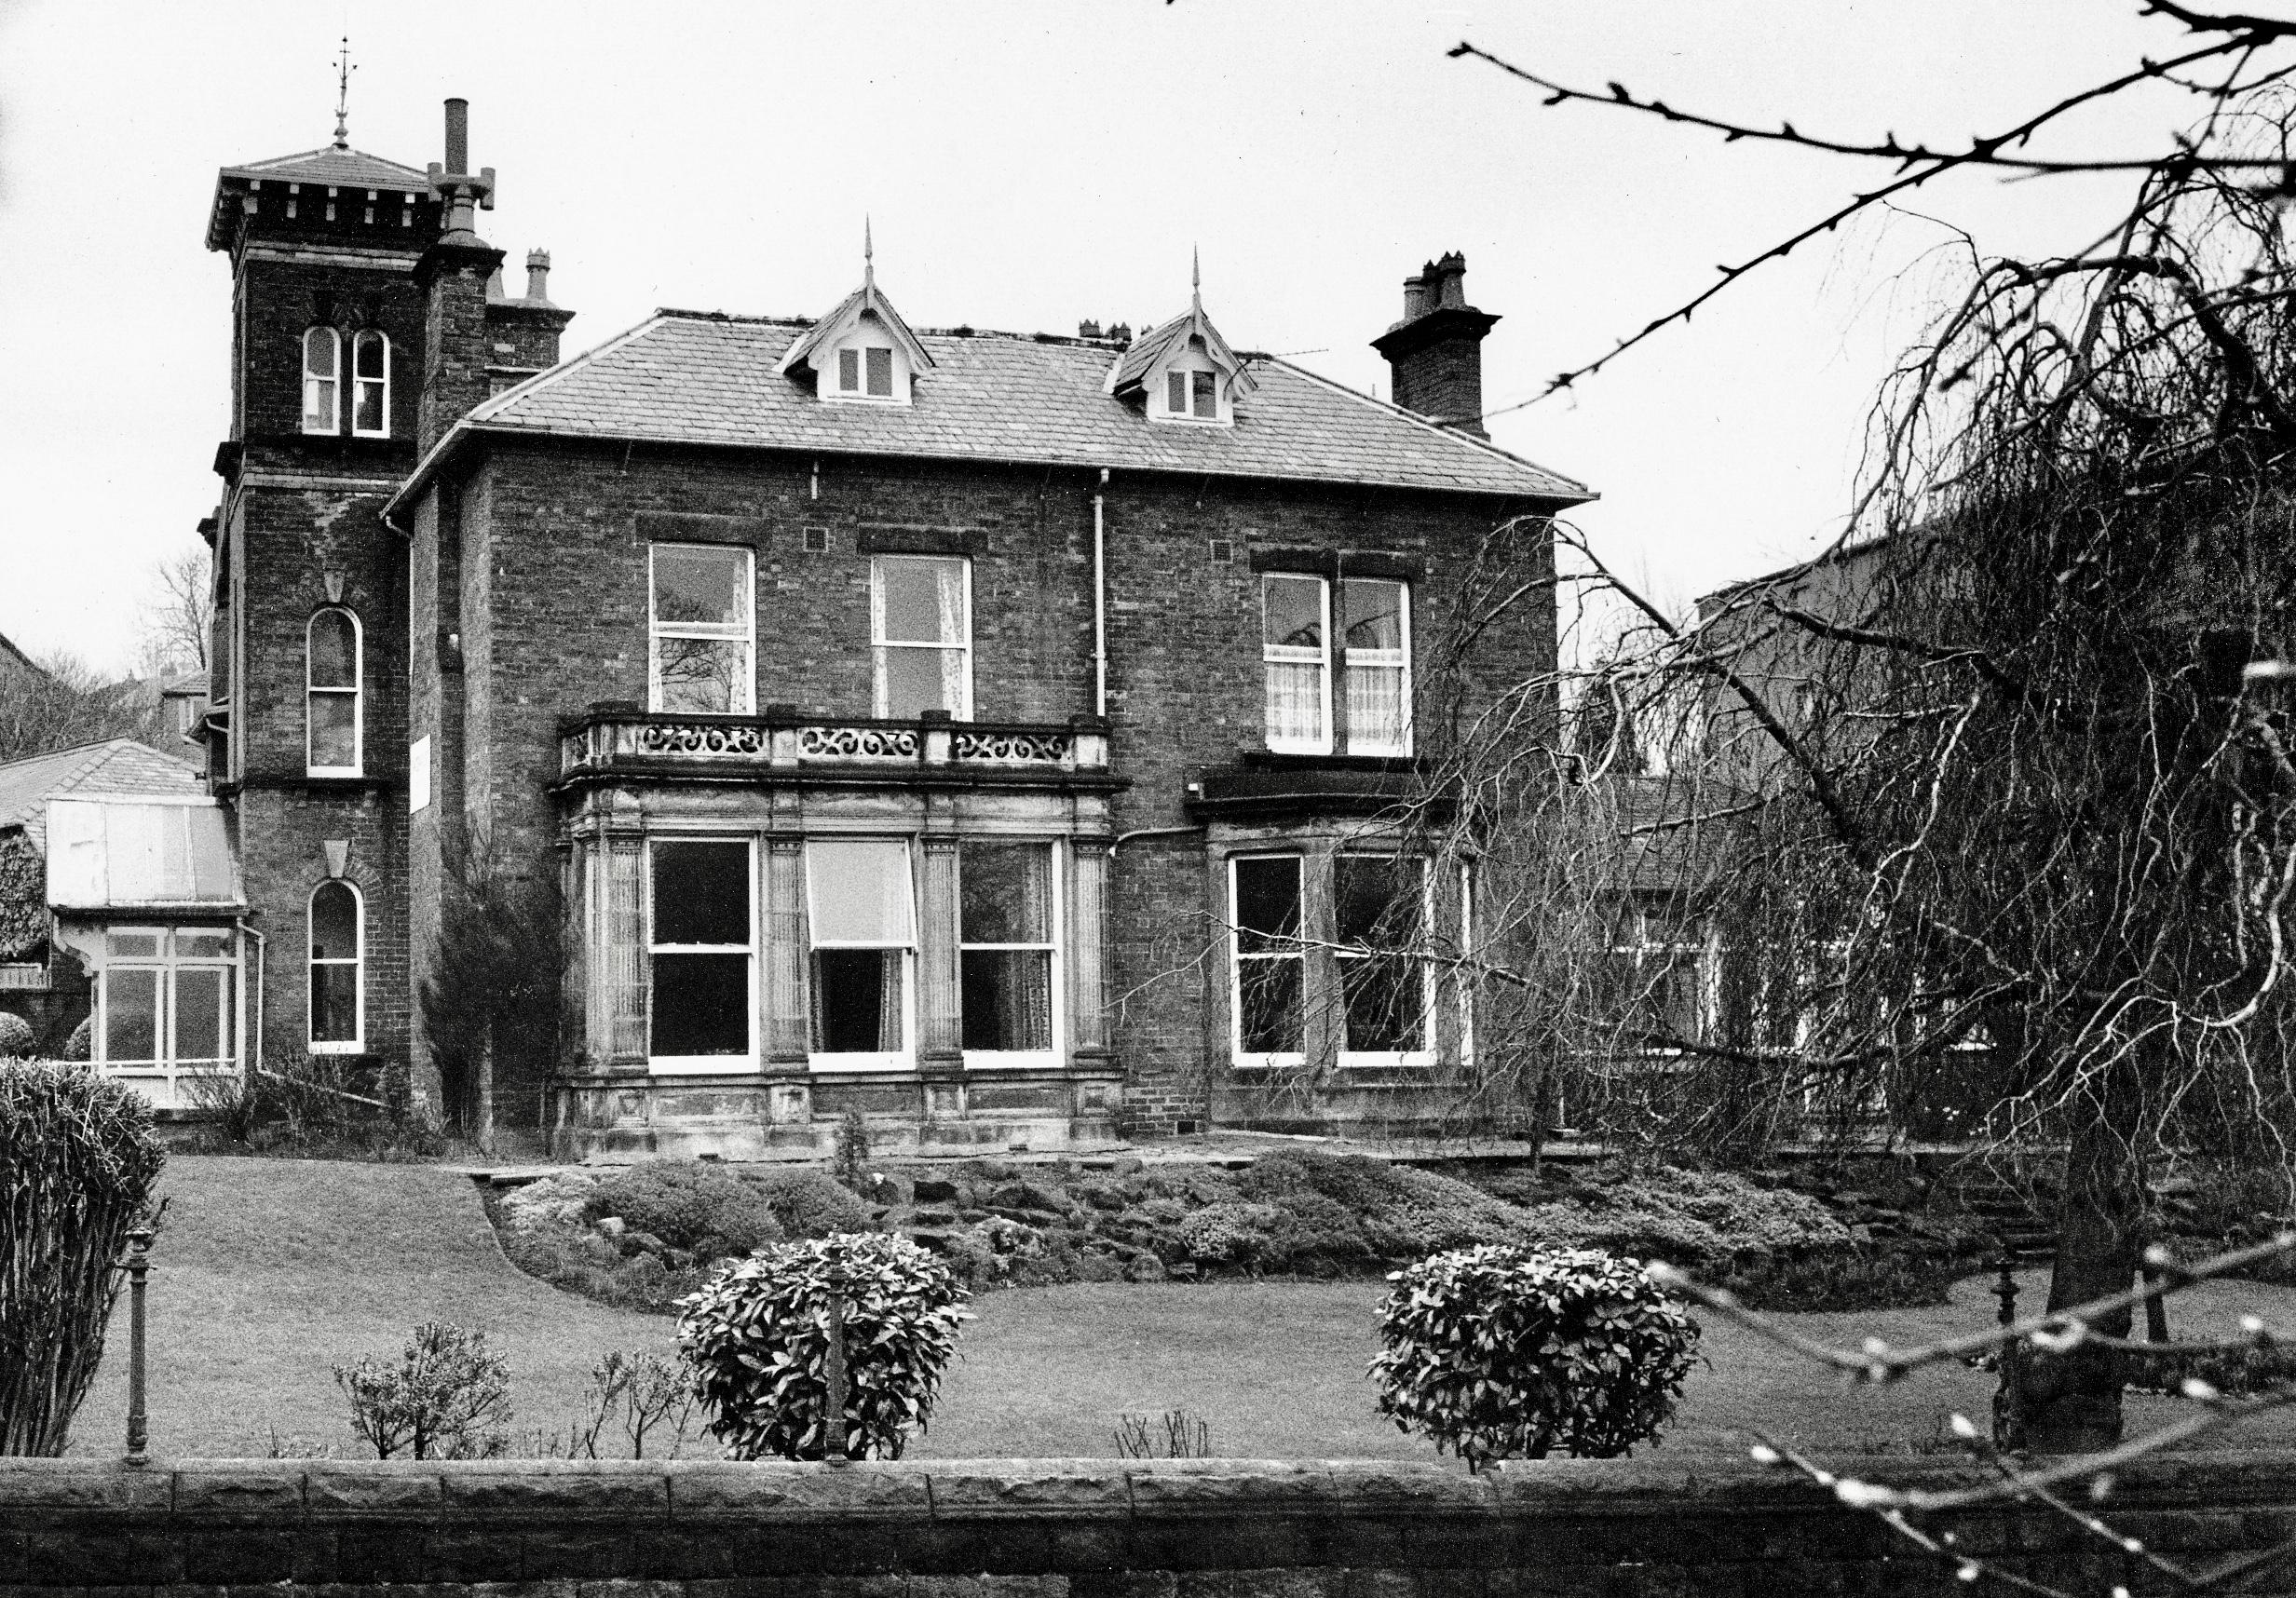 Gardenhurst, 45 Cardigan Road (demolished)